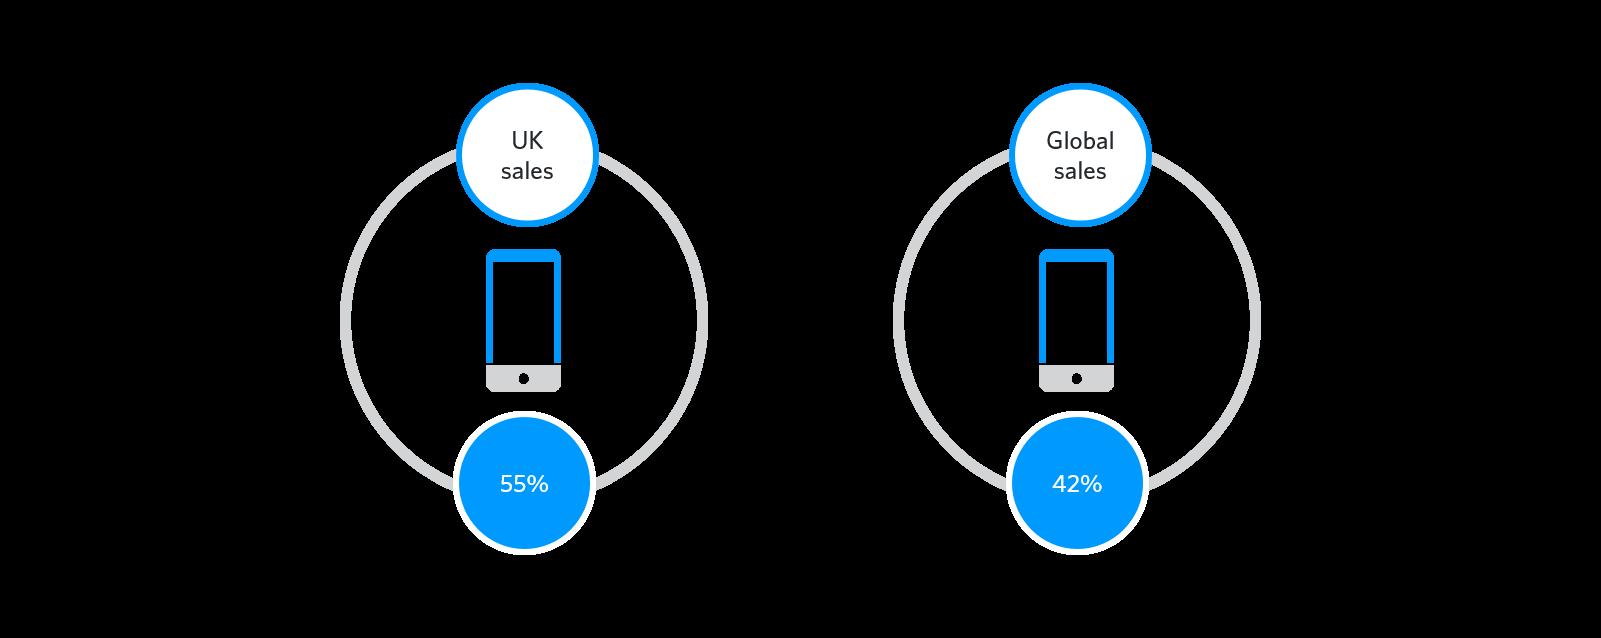 UK global split